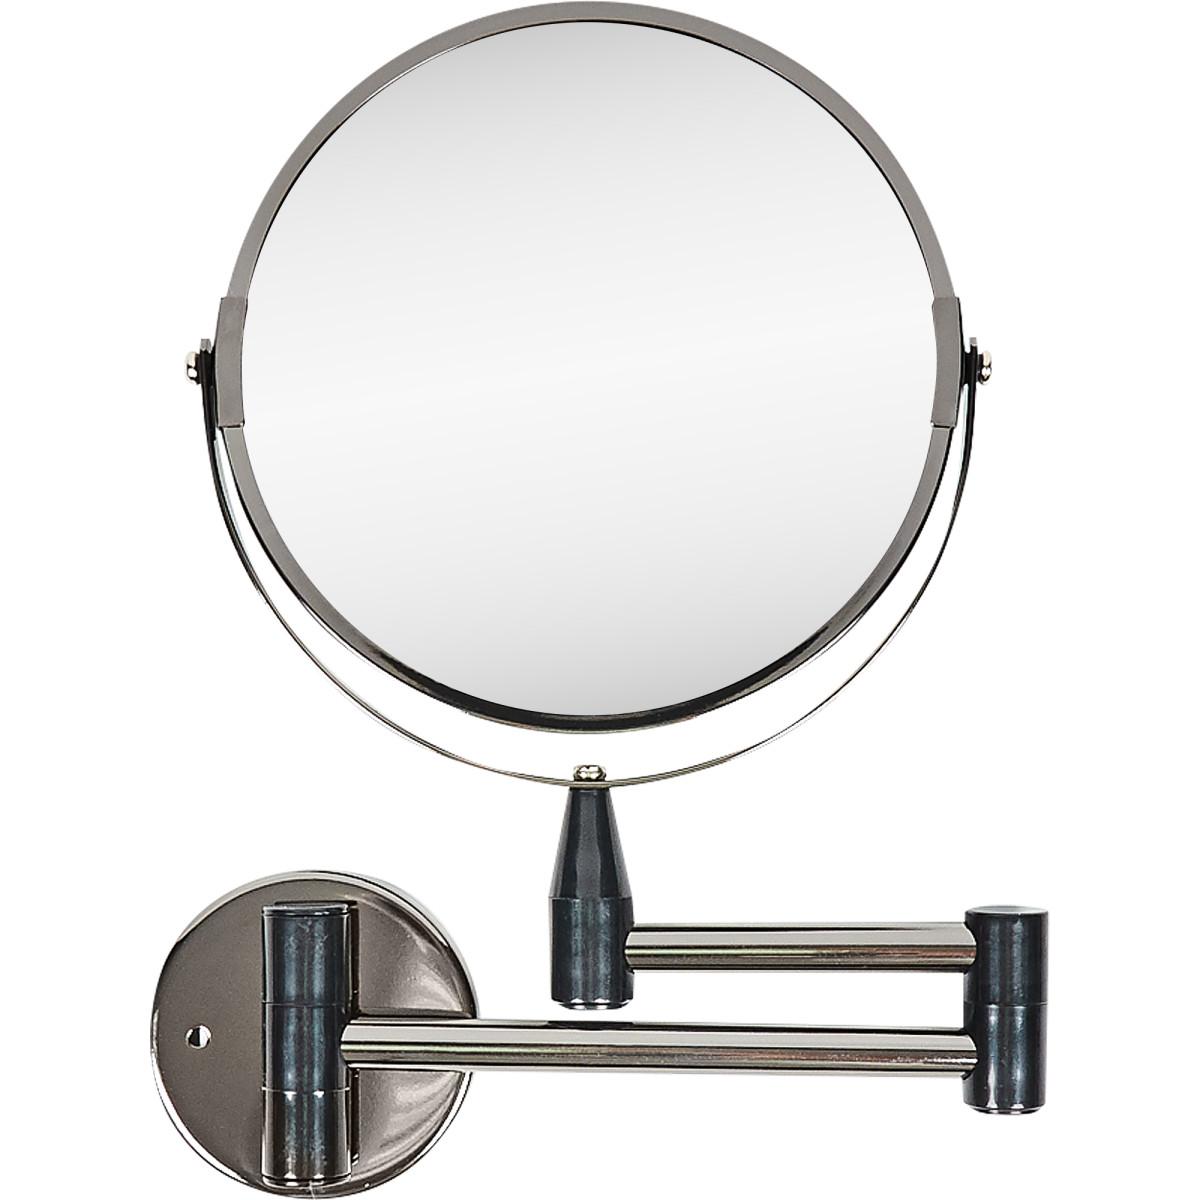 Зеркало настенное двустороннее Ø17 см цвет черный